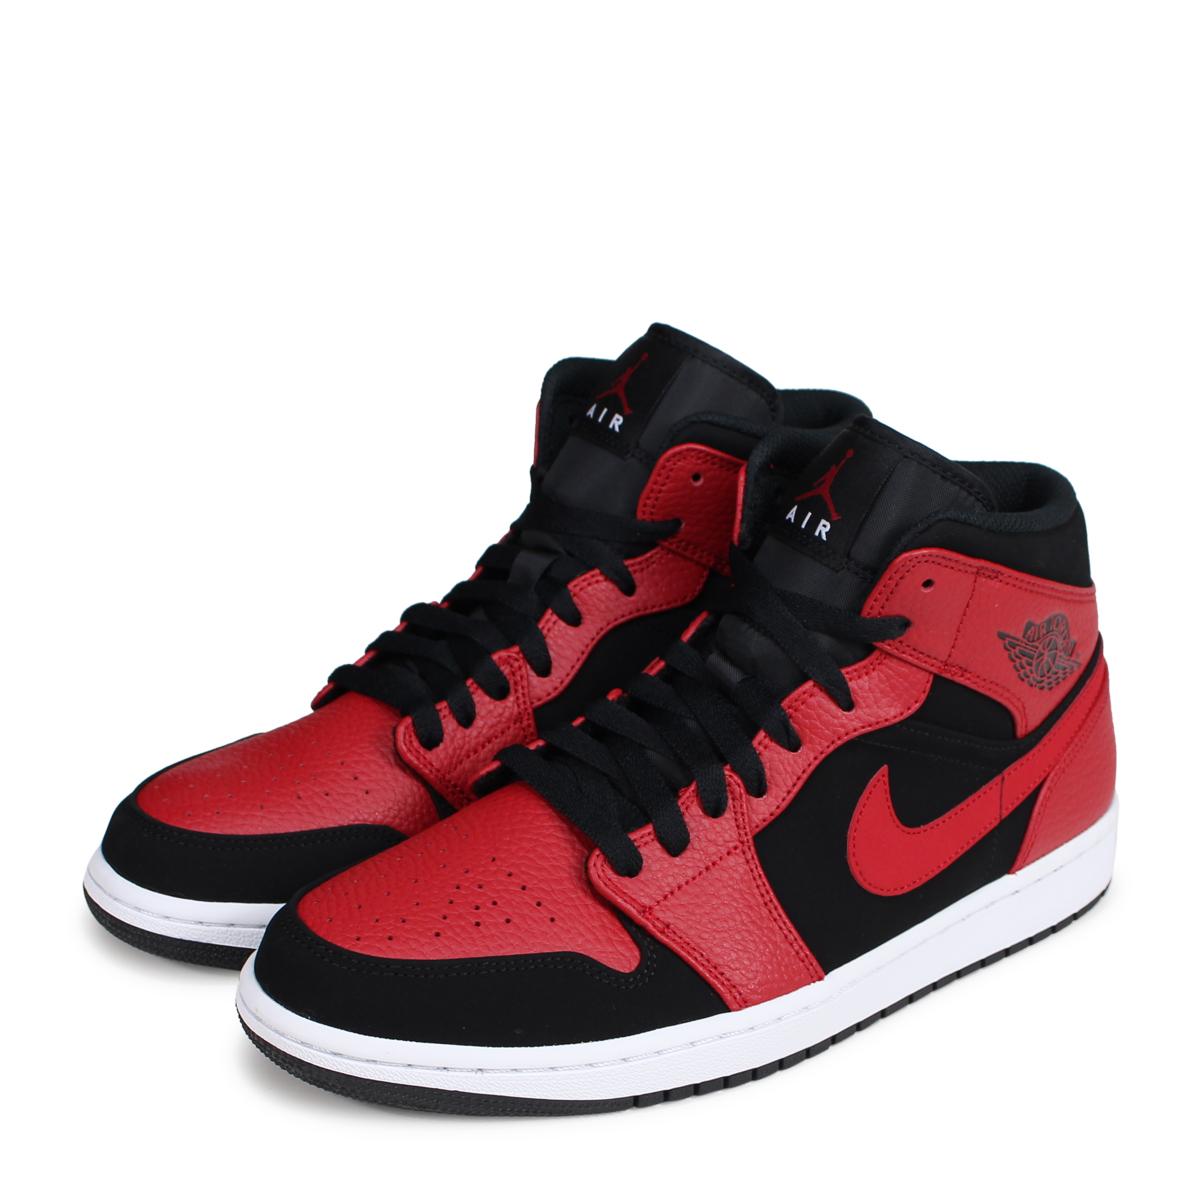 fa08ca54a63 ALLSPORTS  NIKE AIR JORDAN 1 MID Nike Air Jordan 1 sneakers men ...